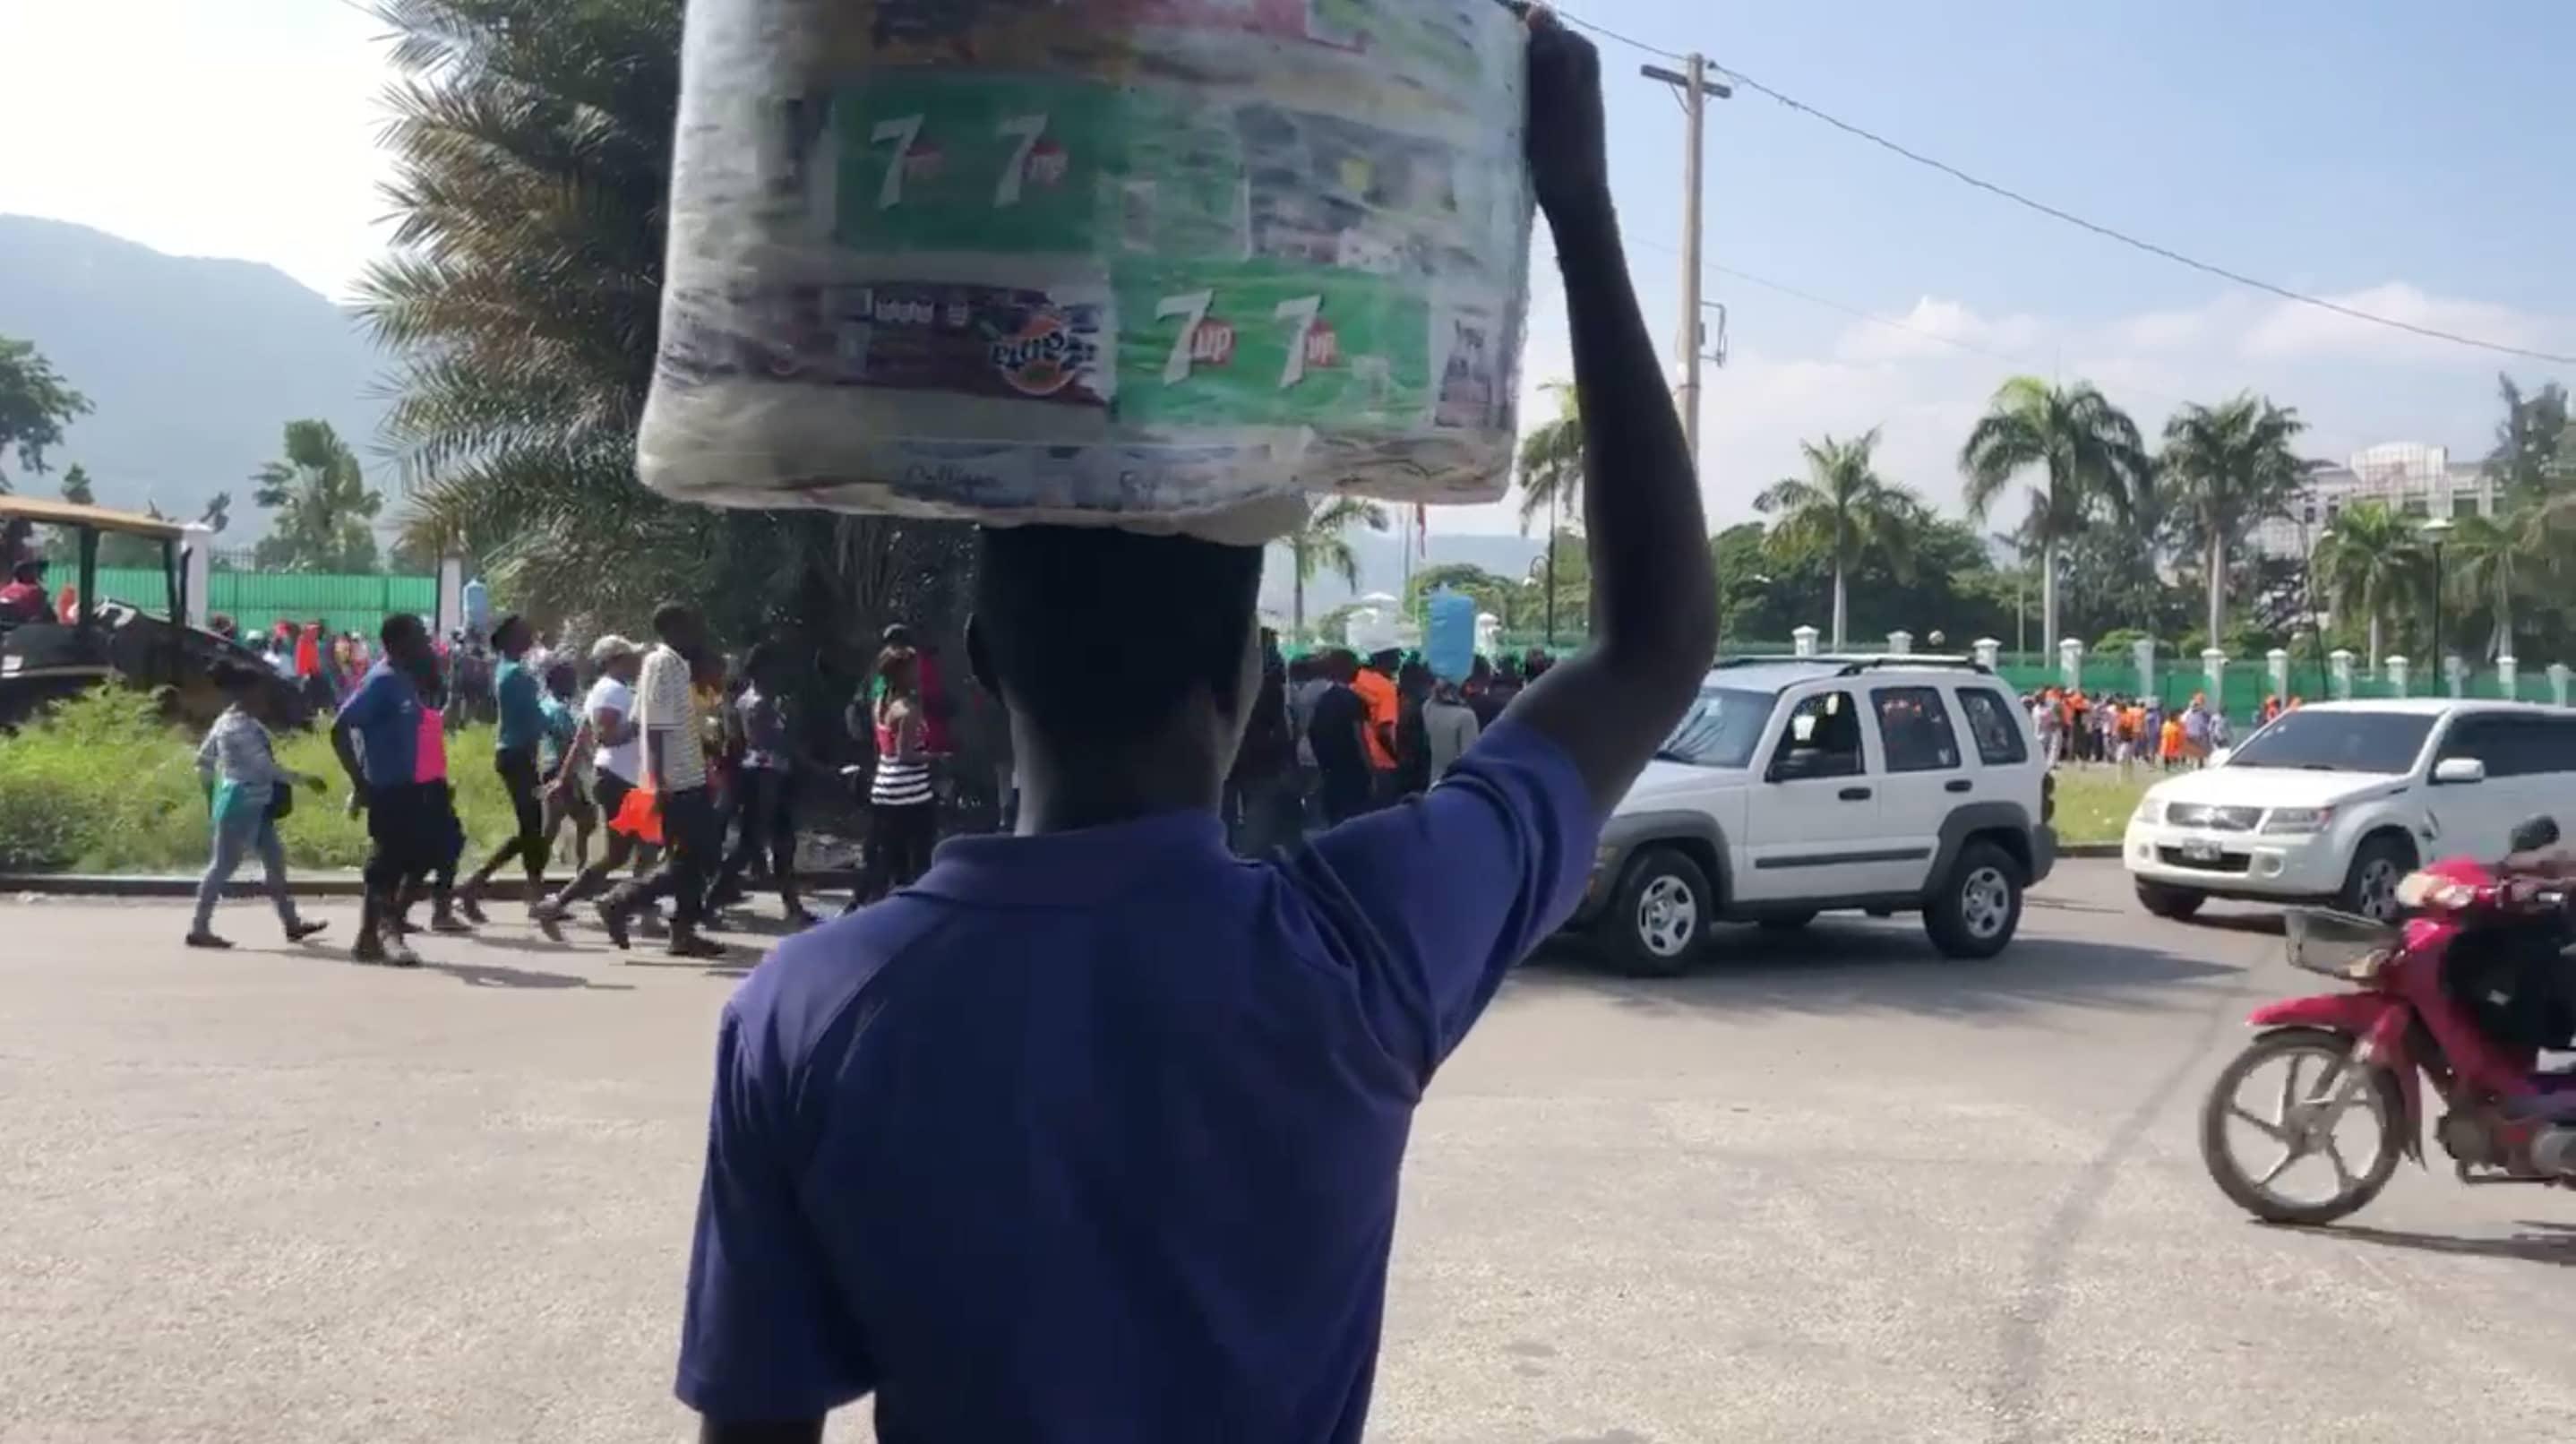 Un marchand ambulant promène ses sachets d'eau dans l'aire du Champs-de-Mars/ Photo et vidéo: Luckenson Jean/ LoopHaiti